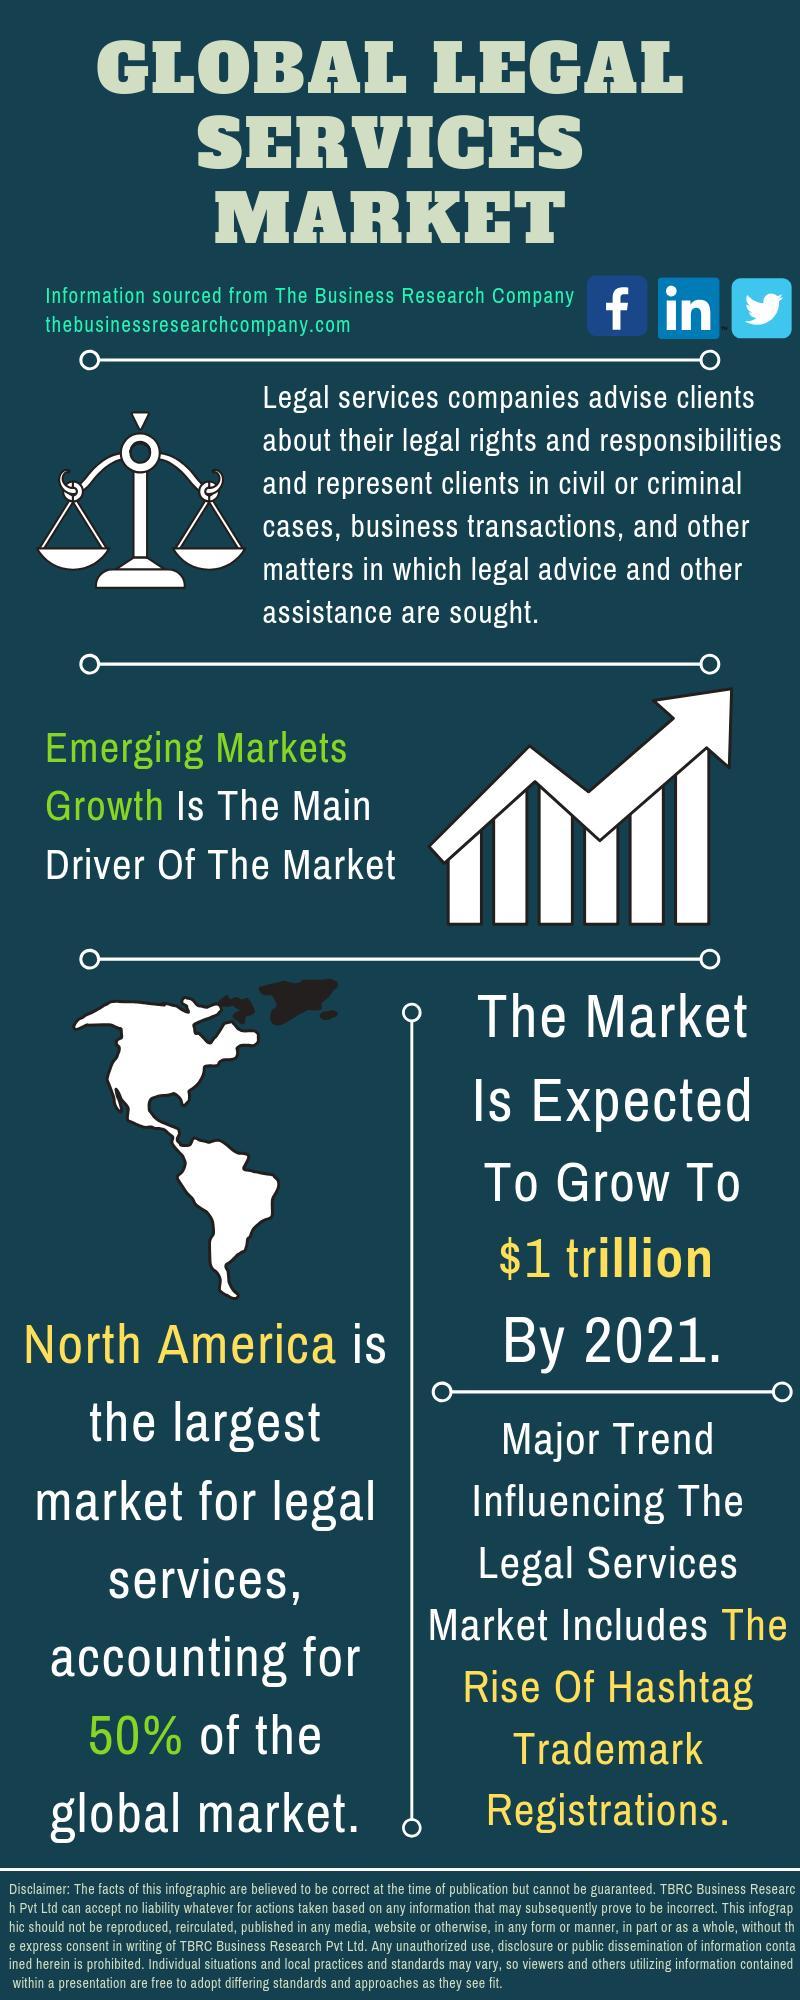 Legal Services Market